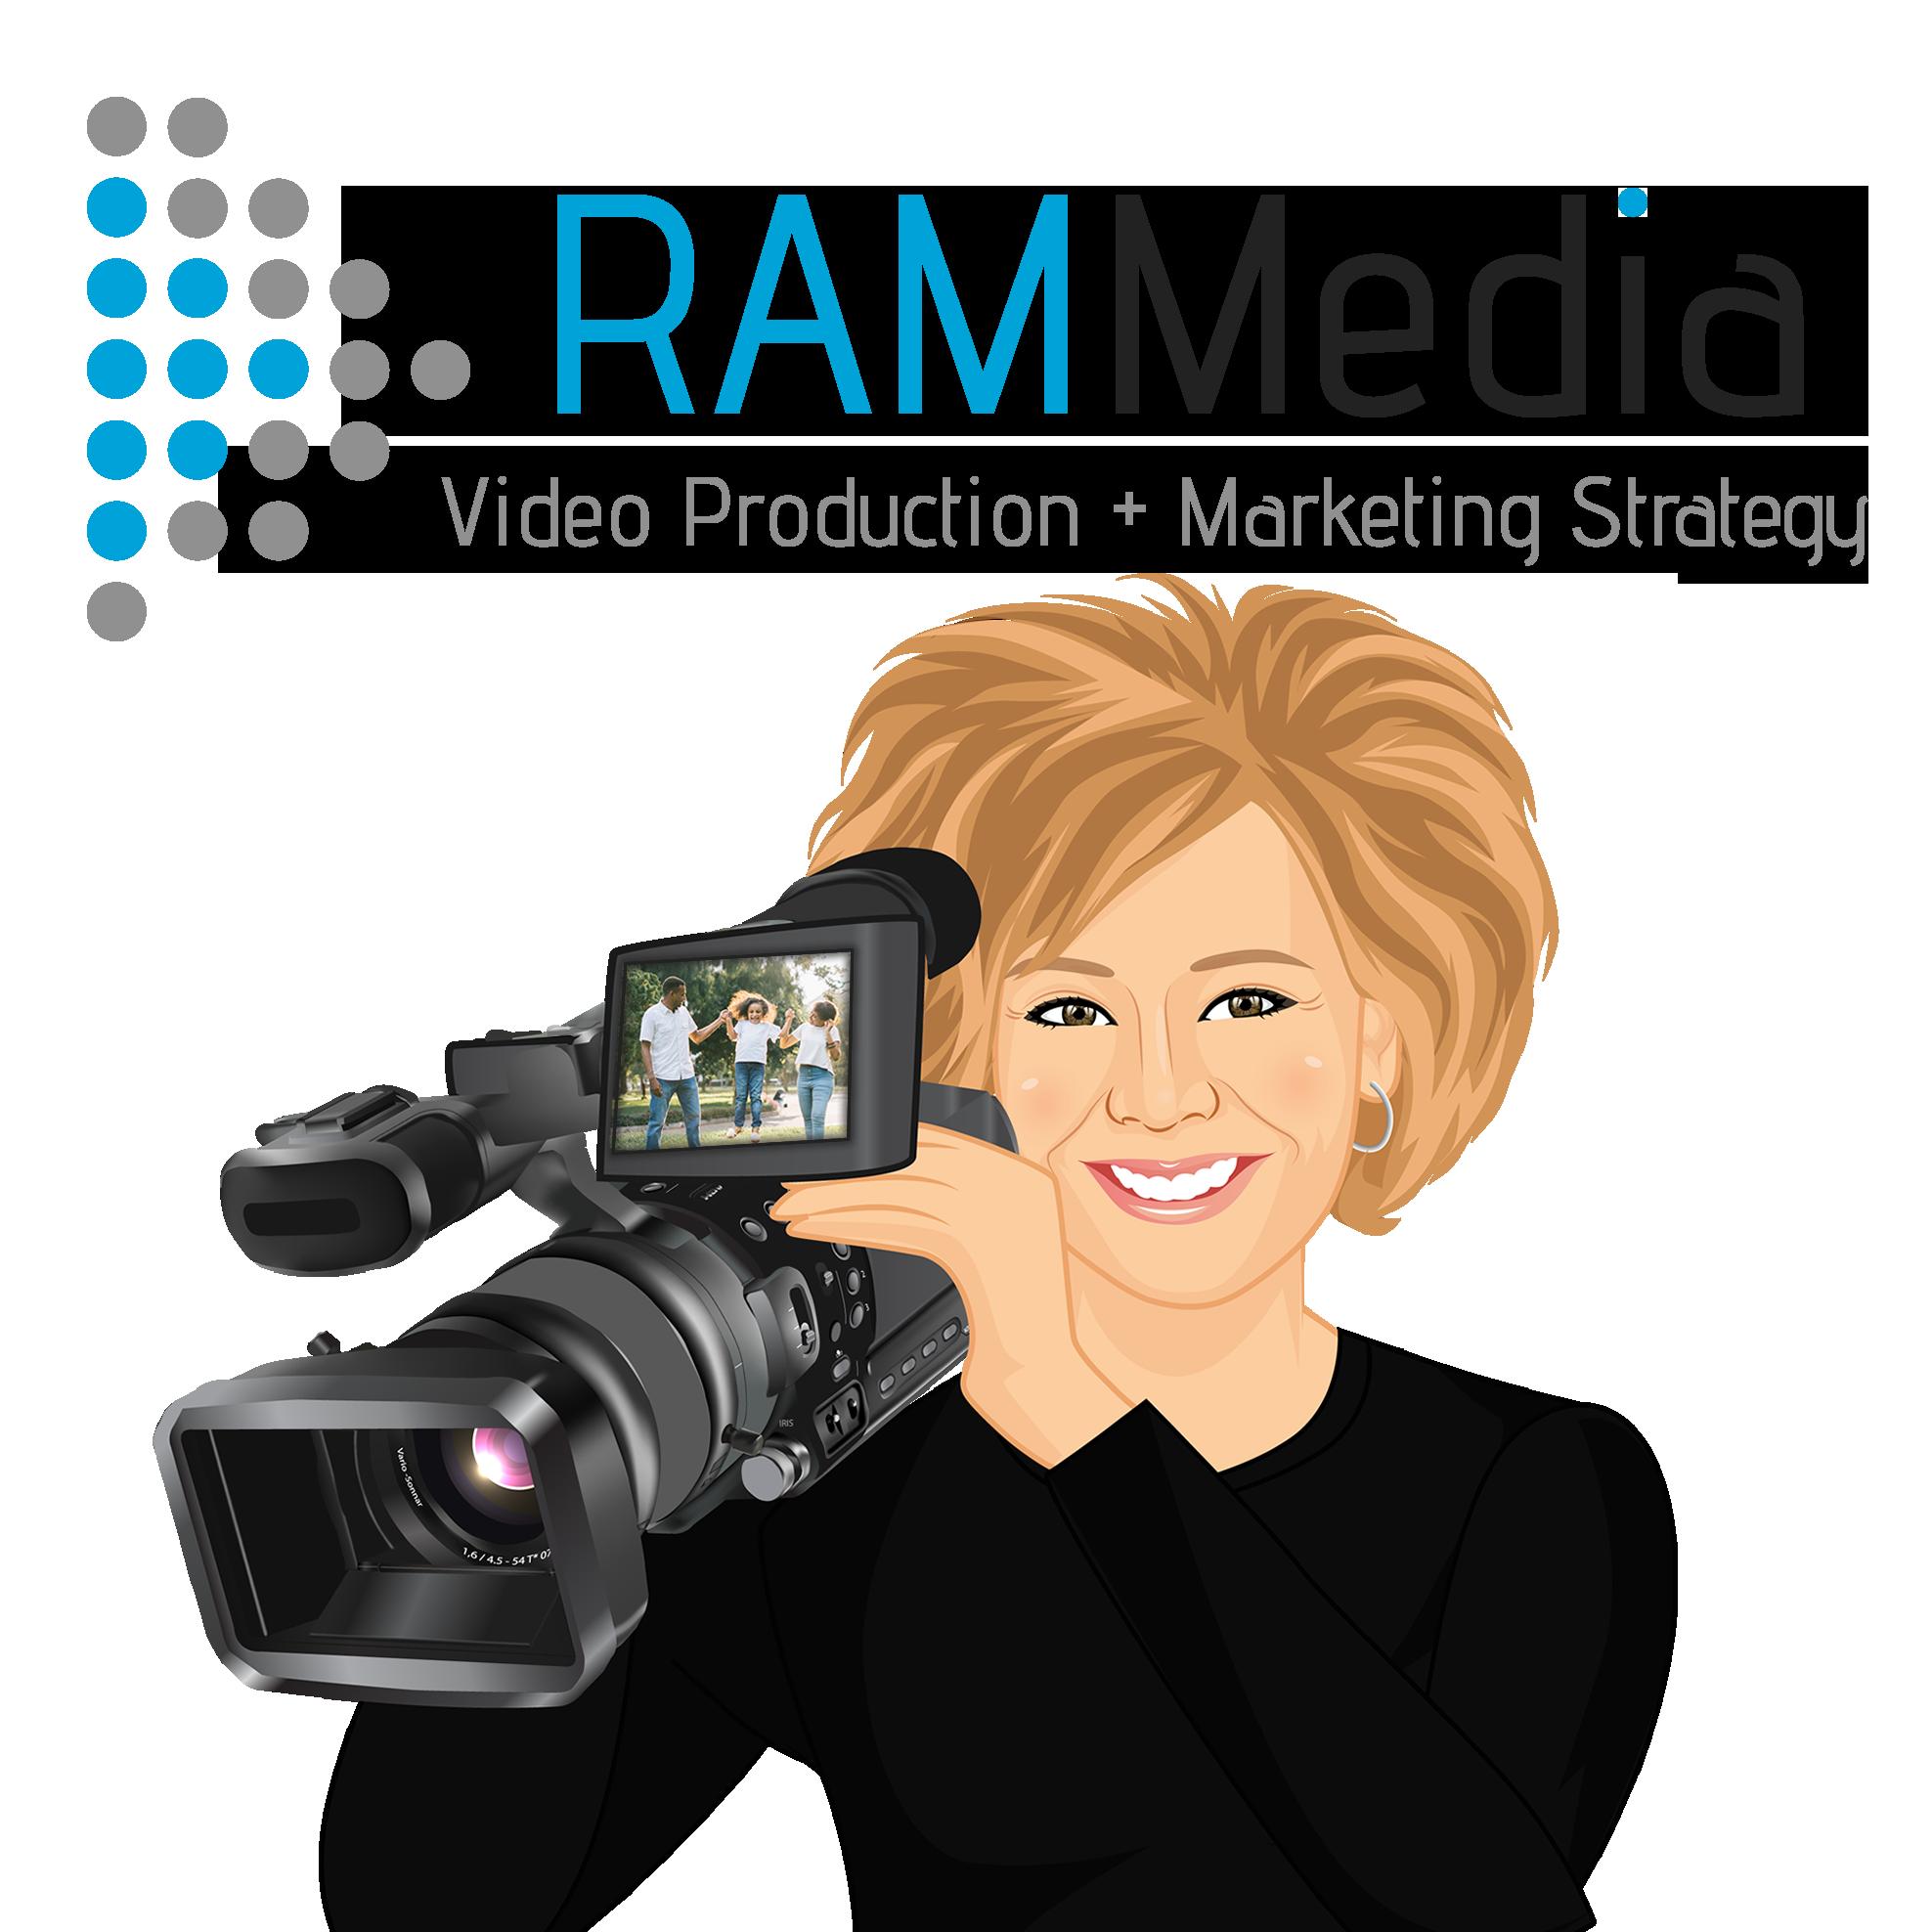 RAM Media